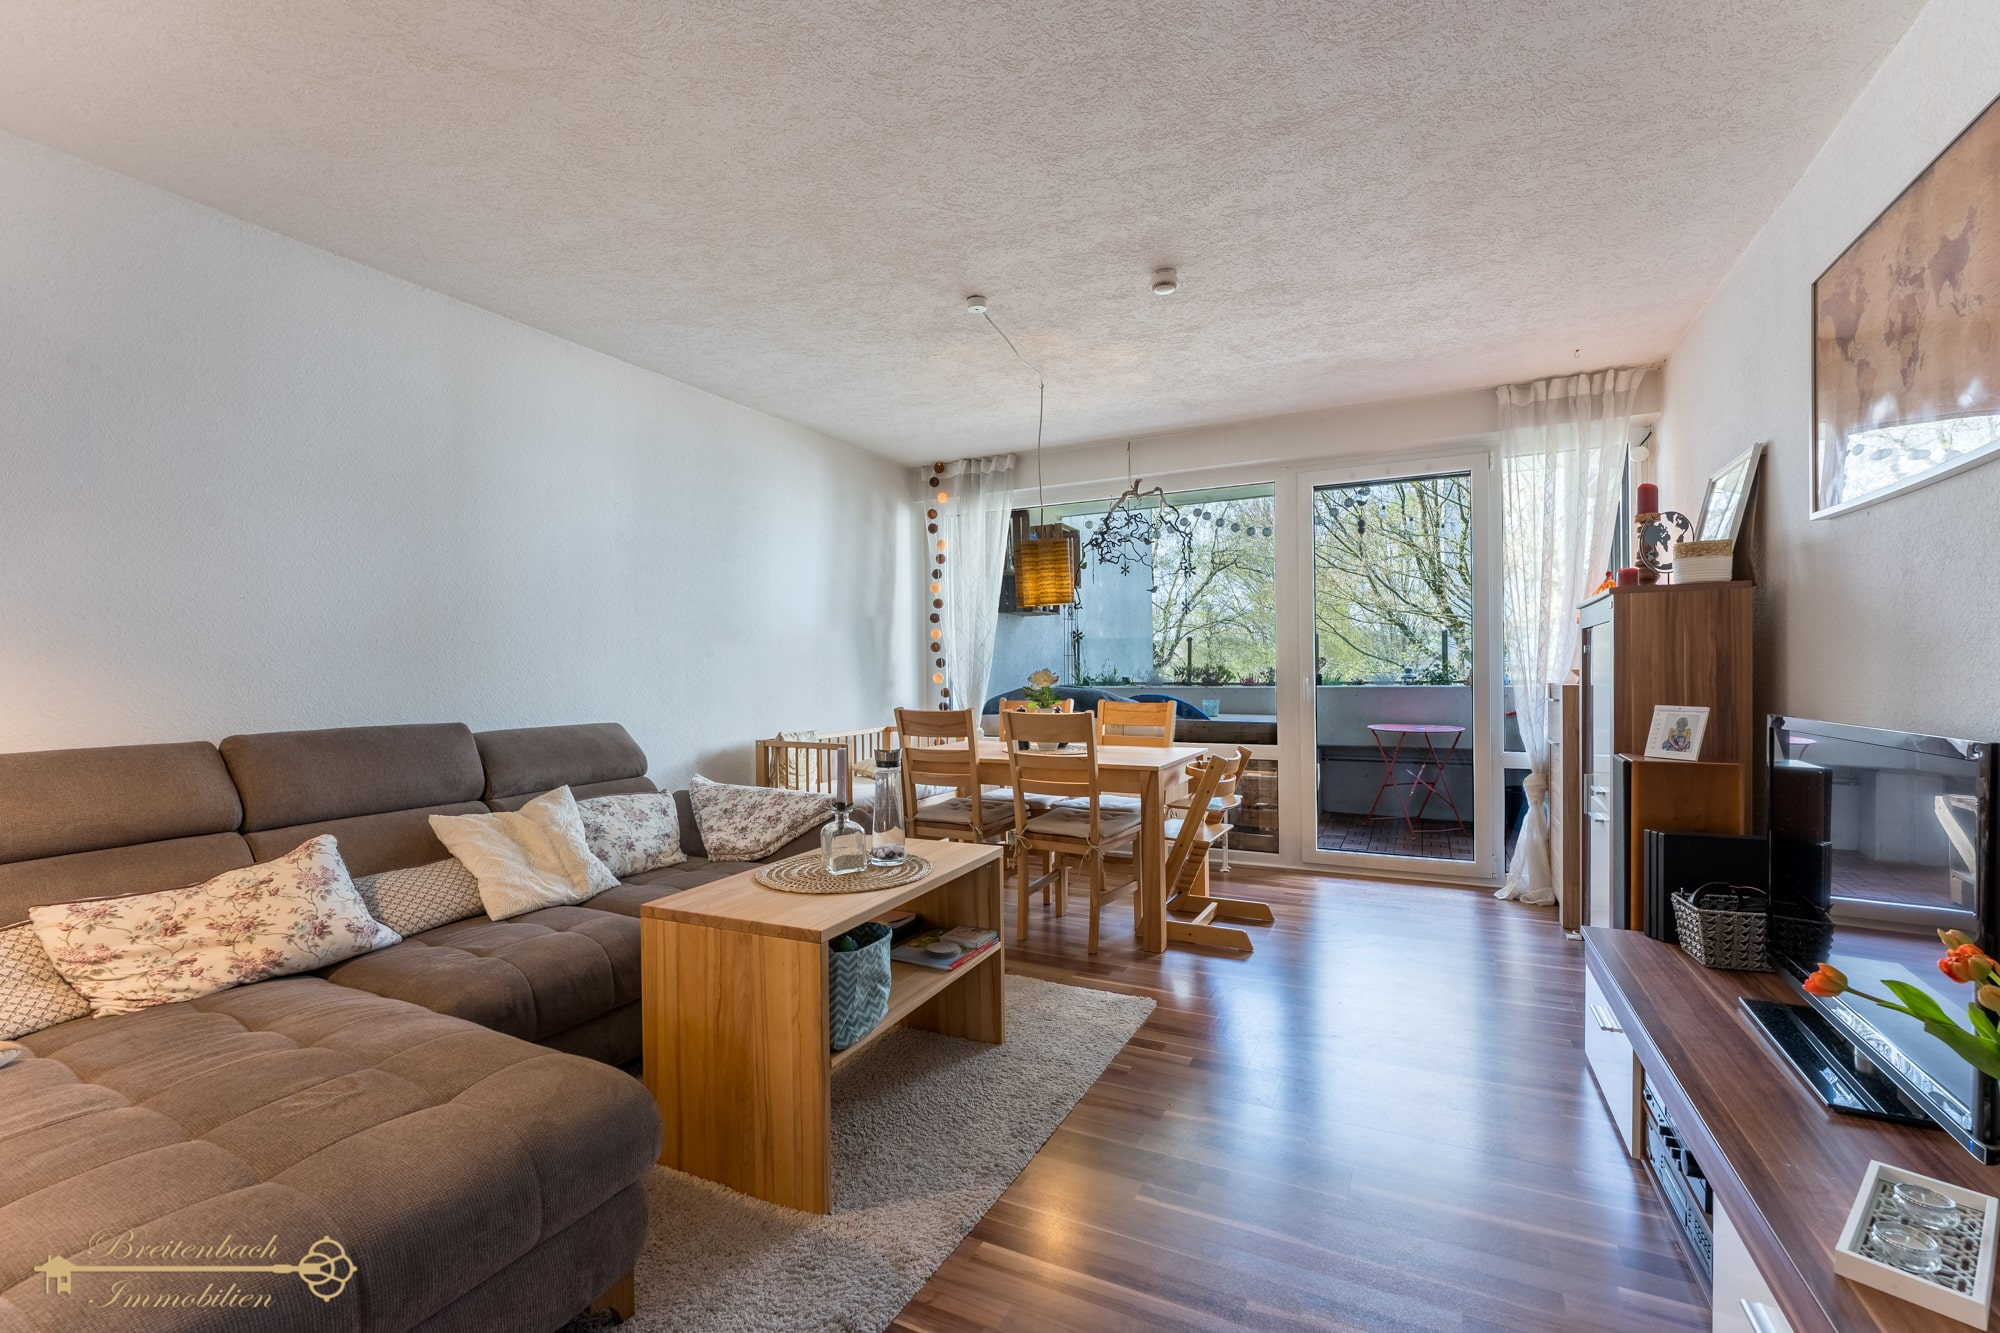 2021-04-24-Breitenbach-Immobilien-Makler-Bremen-6-min